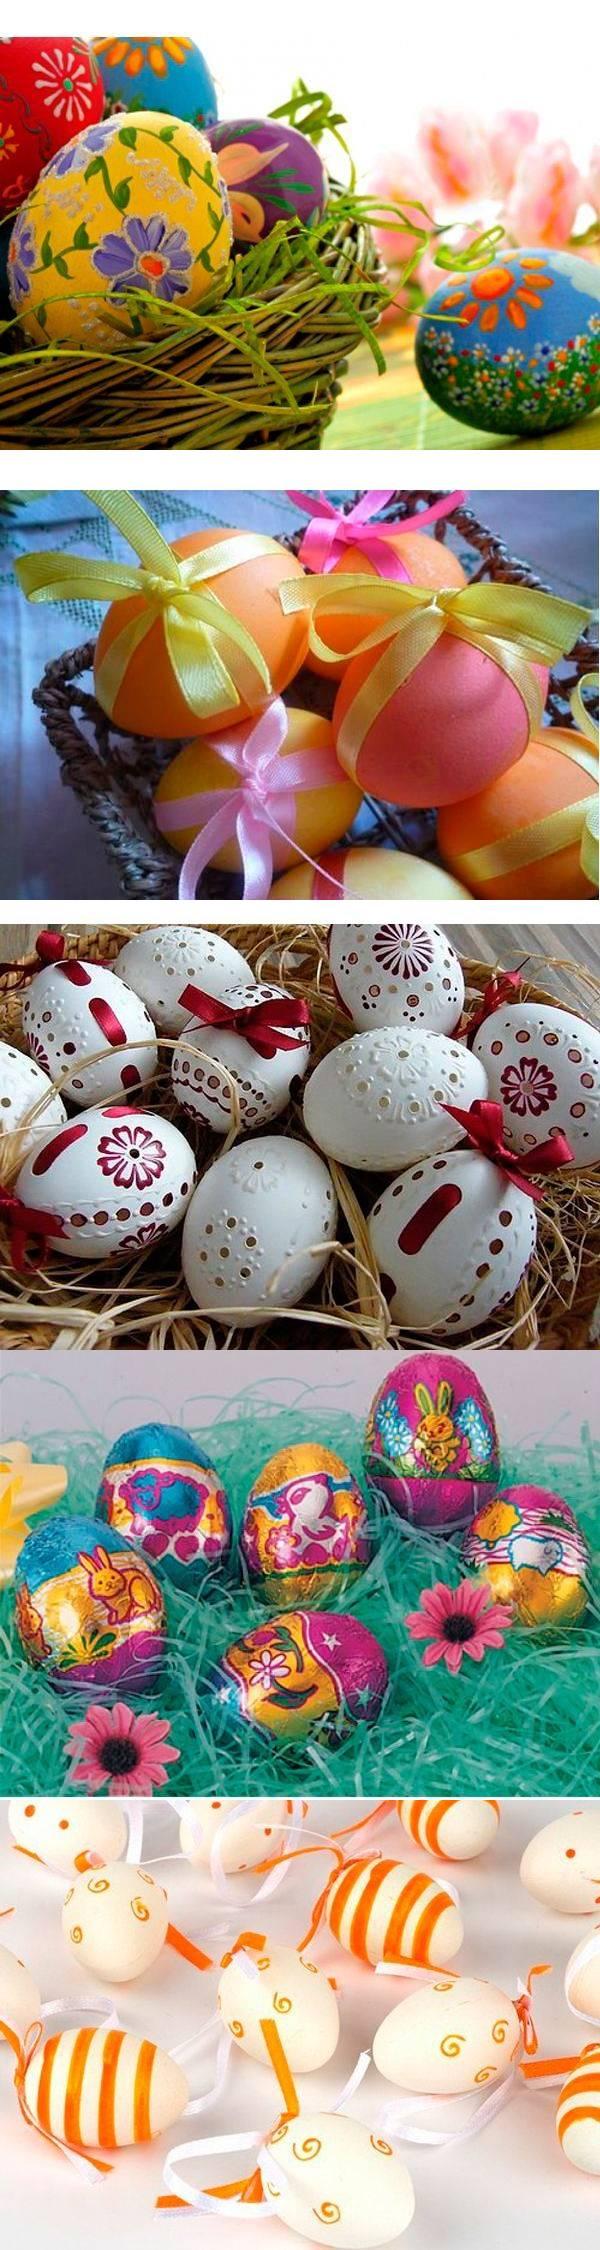 27 идей декора яиц на Пасху